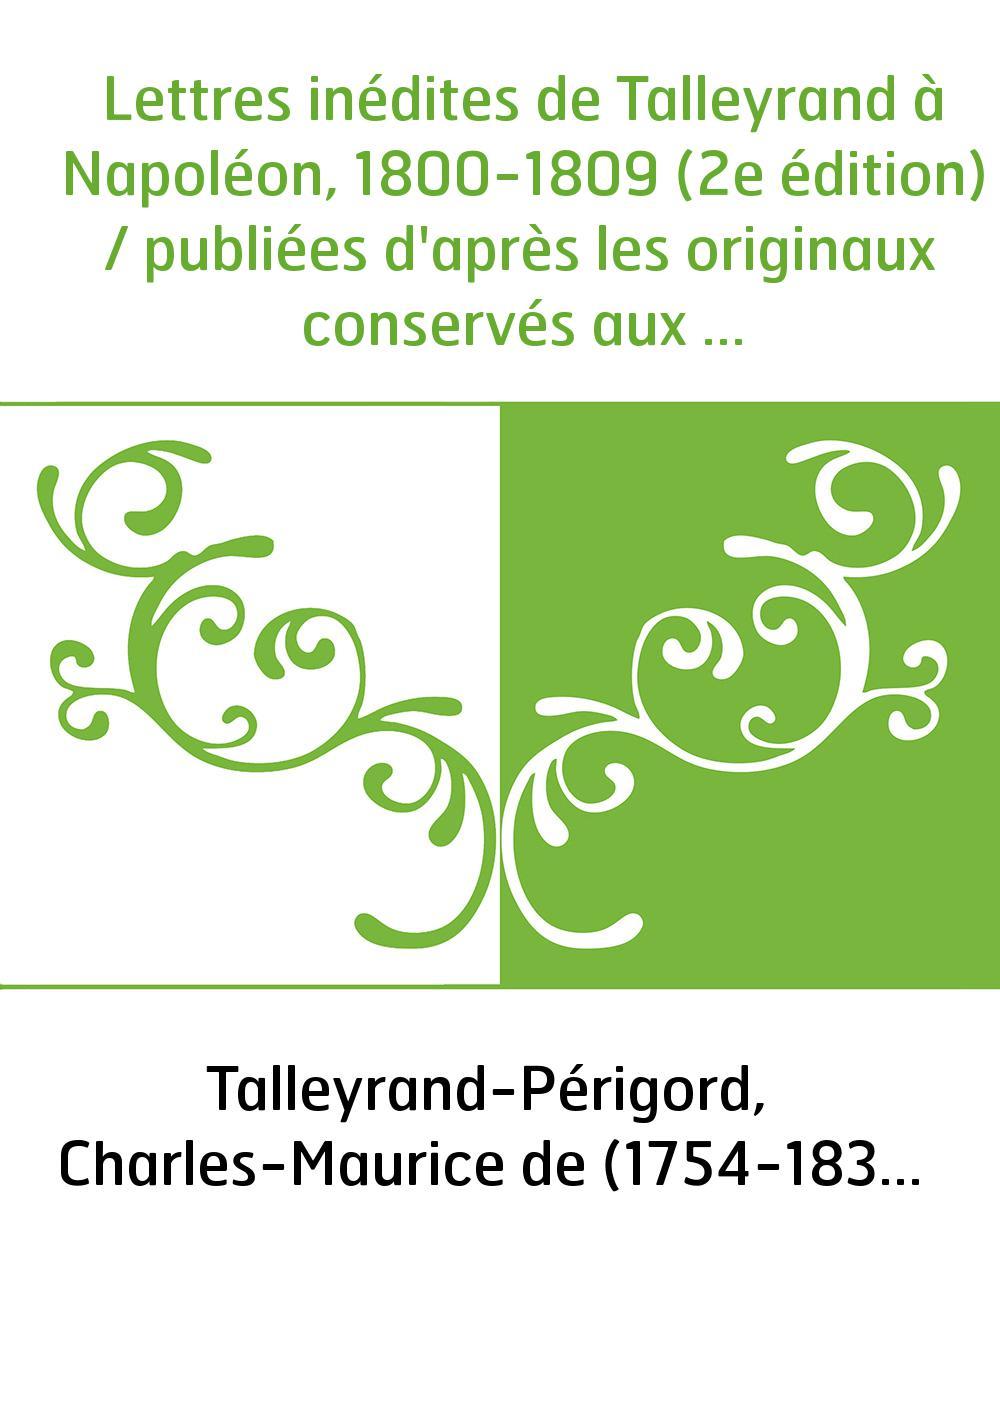 Lettres inédites de Talleyrand à Napoléon, 1800-1809 (2e édition) / publiées d'après les originaux conservés aux archives des Af